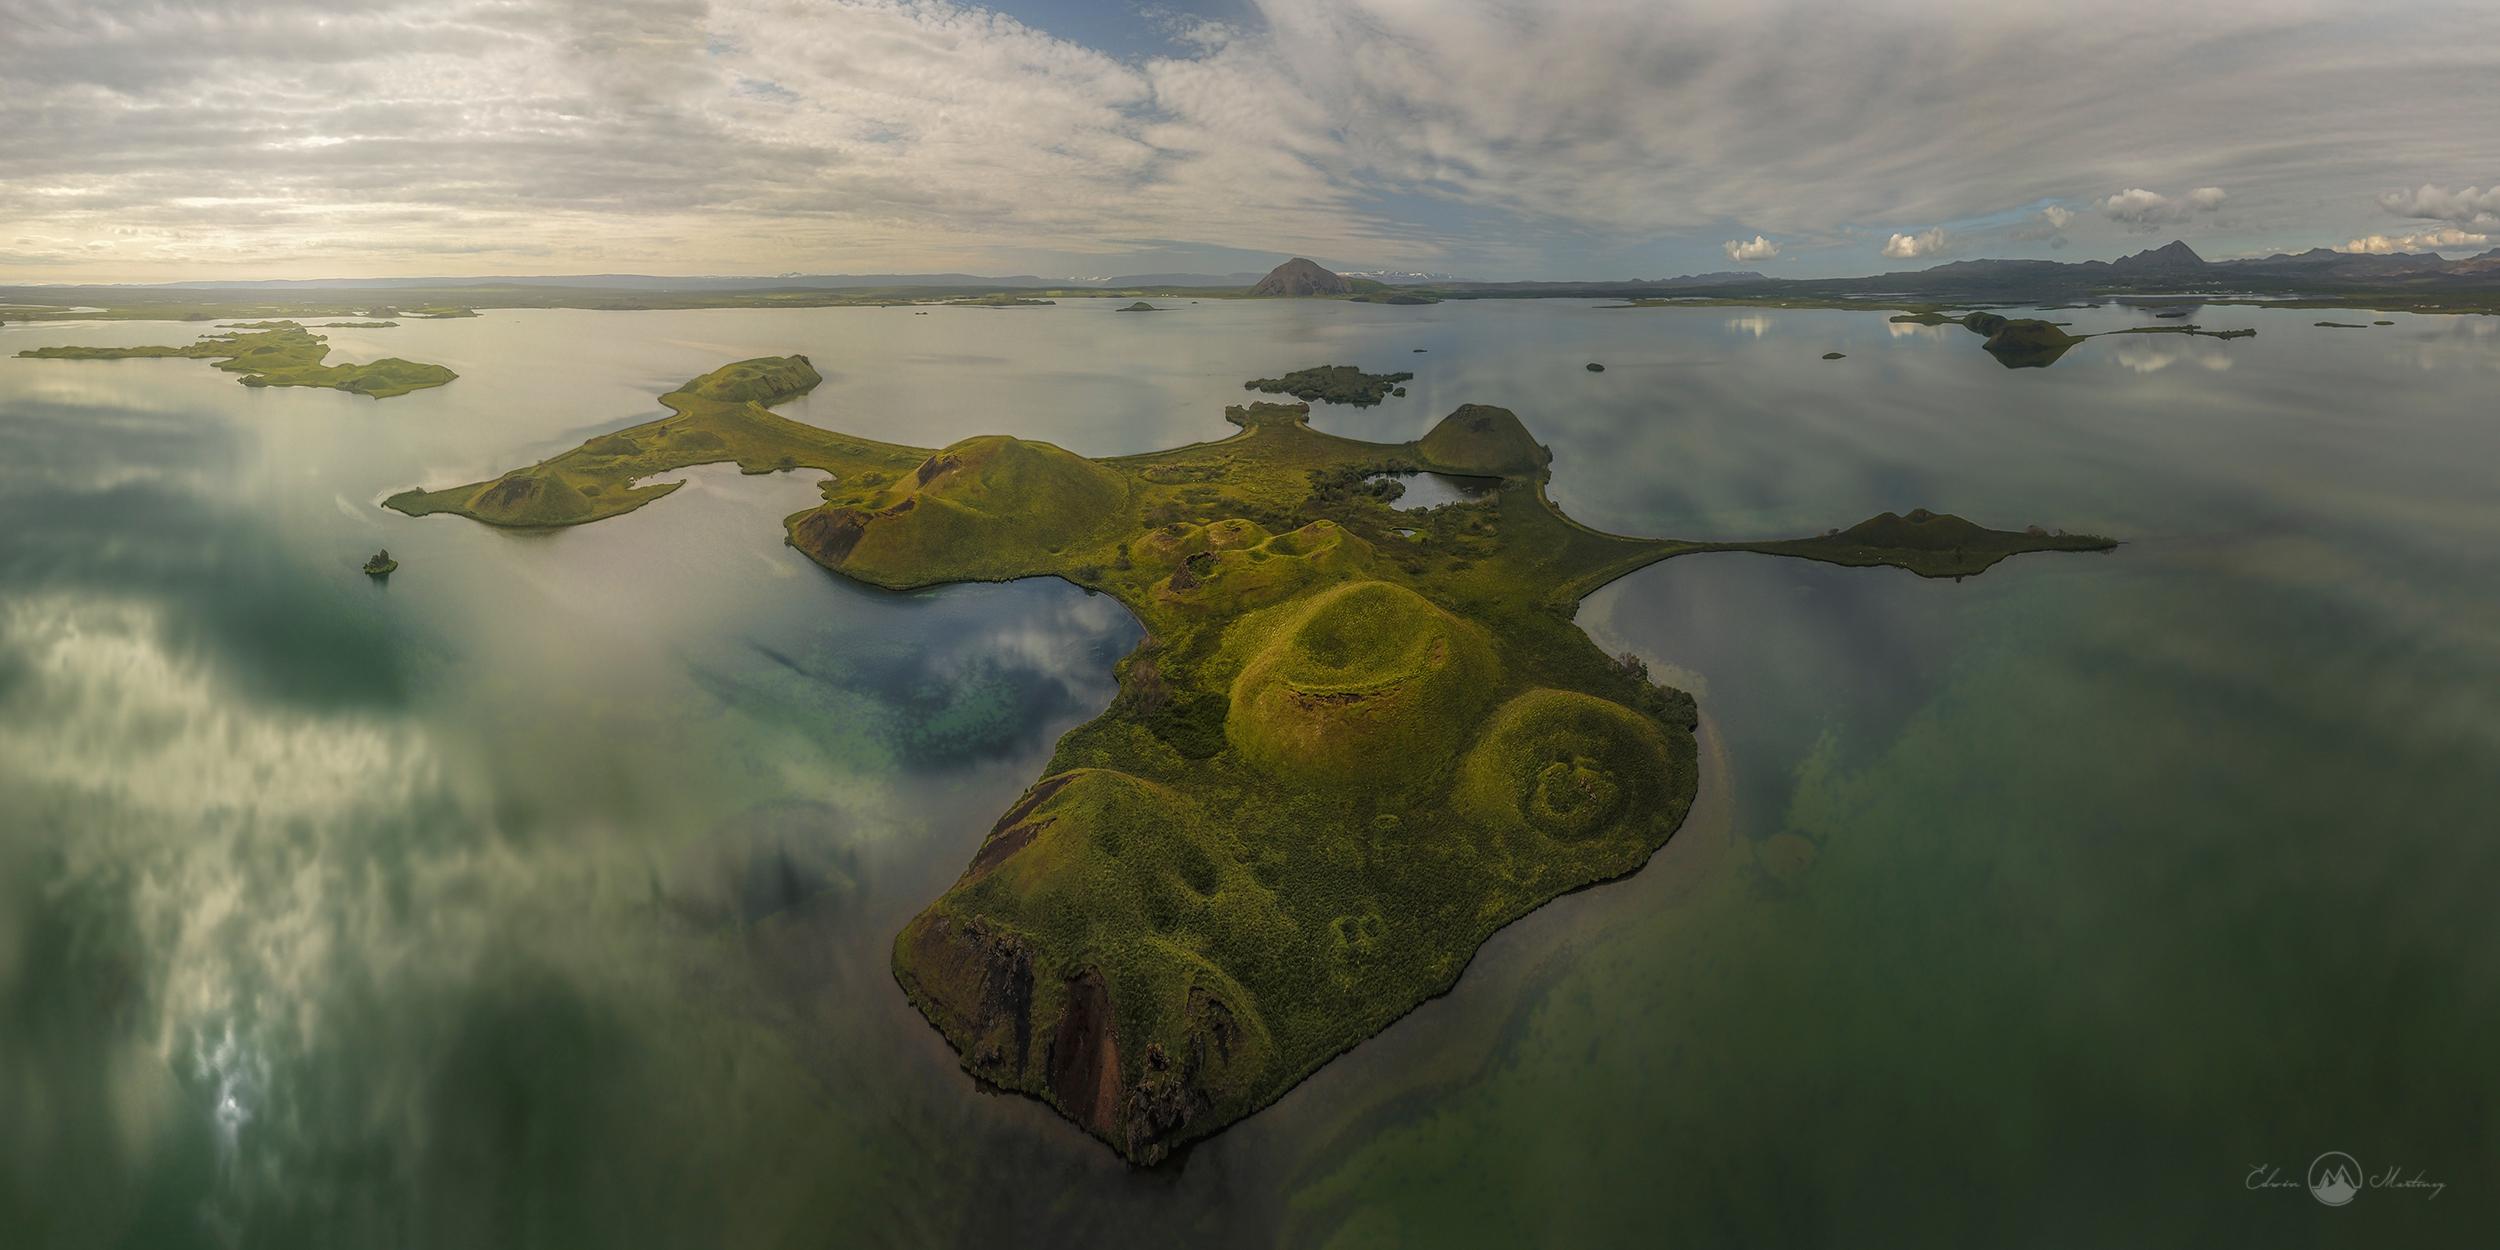 La région la plus reculée de l'Islande est sans doute celle des Hautes Terres